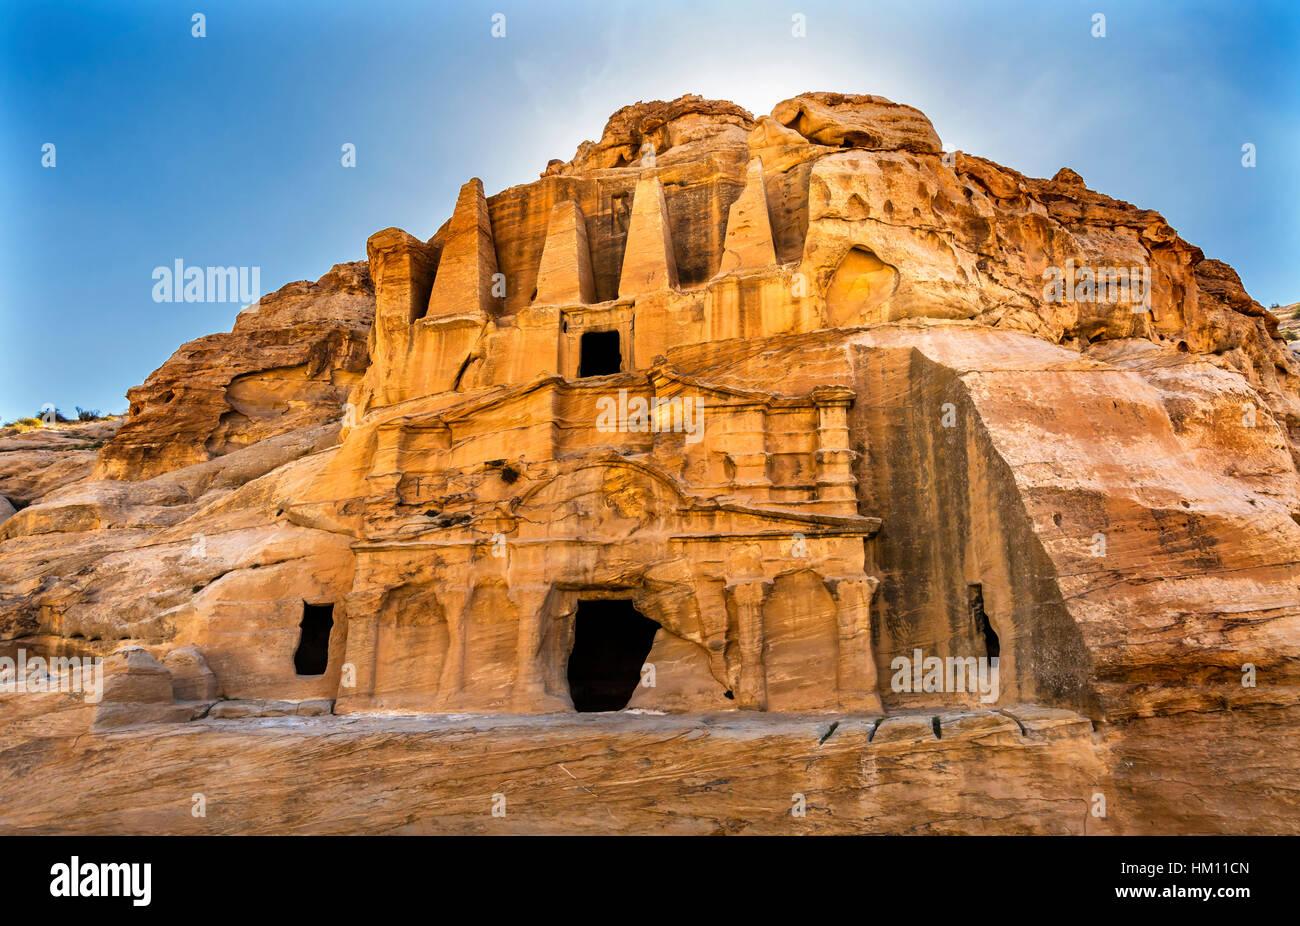 Giallo Obelisco Tomba di Bab el-siq Triclinio Siq esterno Canyon di escursionismo a ingresso in Giordania Petra. Immagini Stock